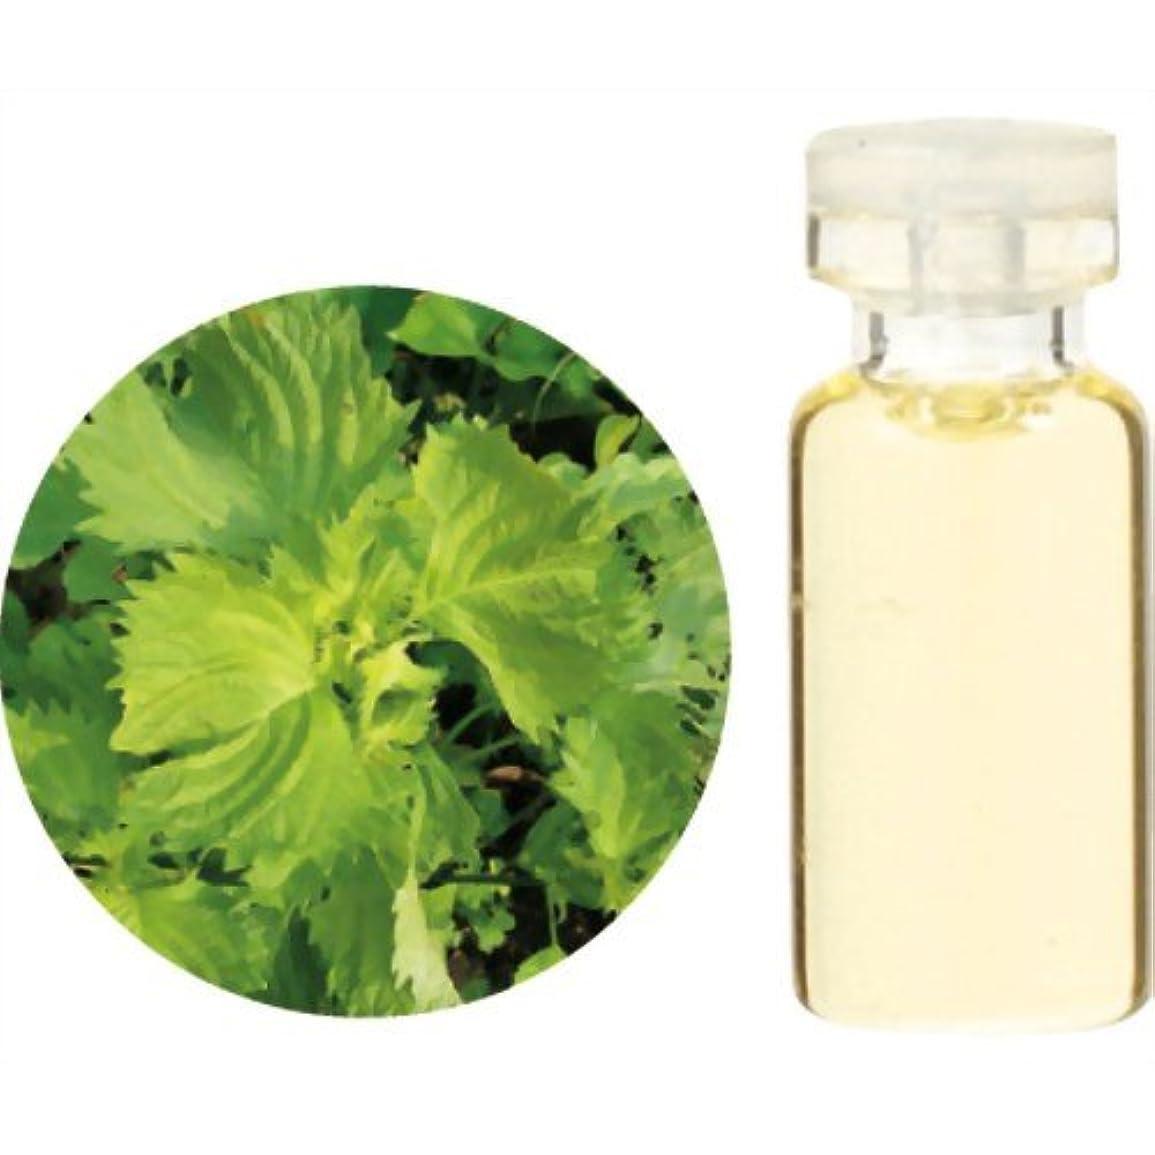 強化美容師なす生活の木 Herbal Life 和精油 紫蘇 1ml